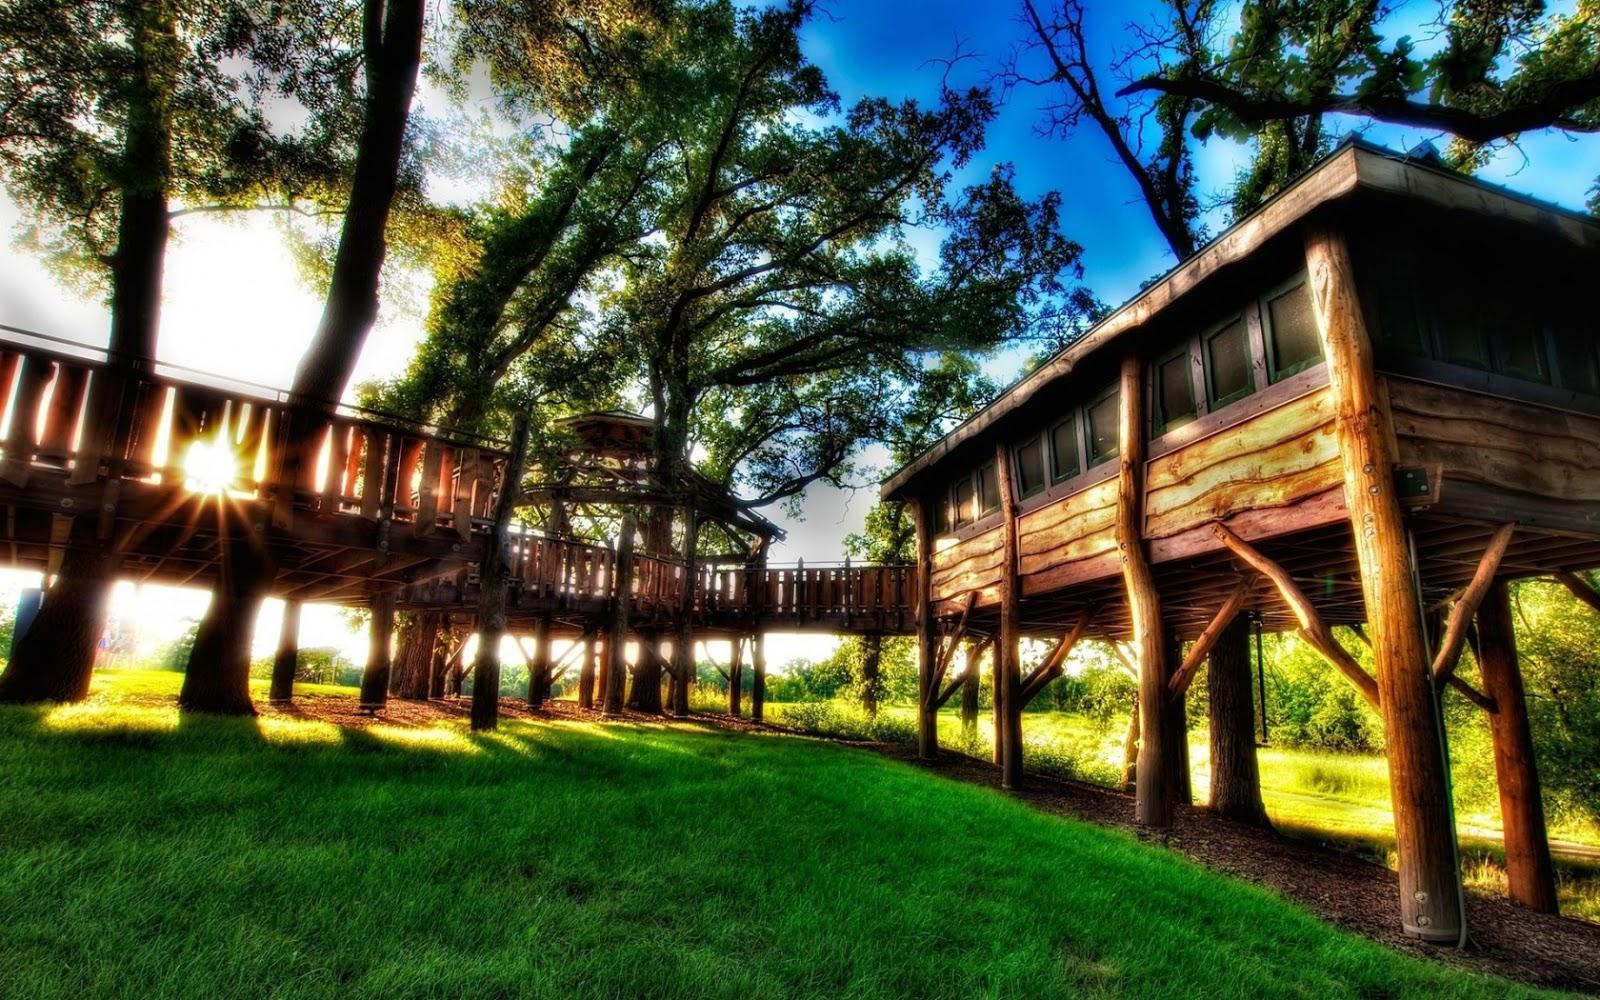 http://3.bp.blogspot.com/-CefZuQsHVnA/UWXprcF-gnI/AAAAAAAAA_4/pQguApXmNhU/s1600/Tree+House+Wallpaper+1680x1050+a.jpg